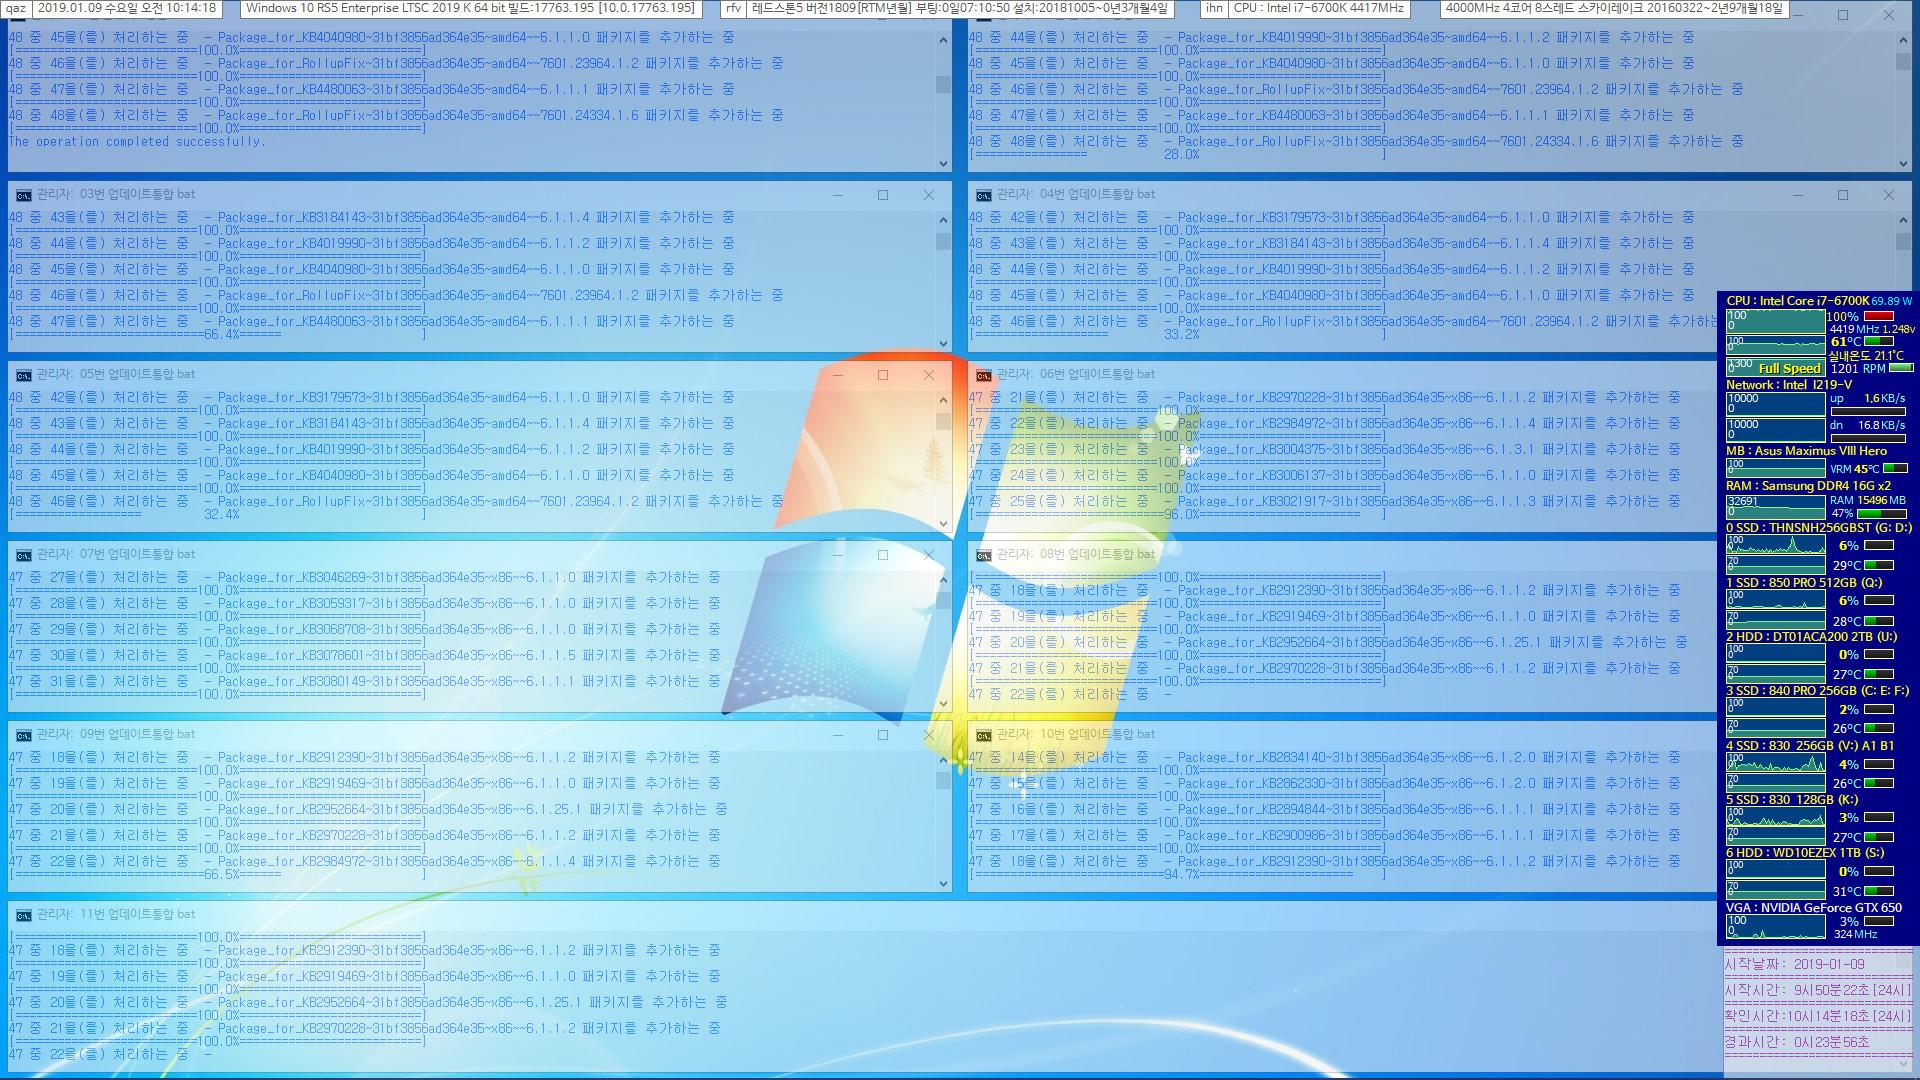 2019년 1월 9일 정기 업데이트 나왔네요 - Windows 7 롤업 업데이트 KB4480970 (OS 빌드 7601.24334) IE10 통합중 입니다 2019-01-09_101419.jpg